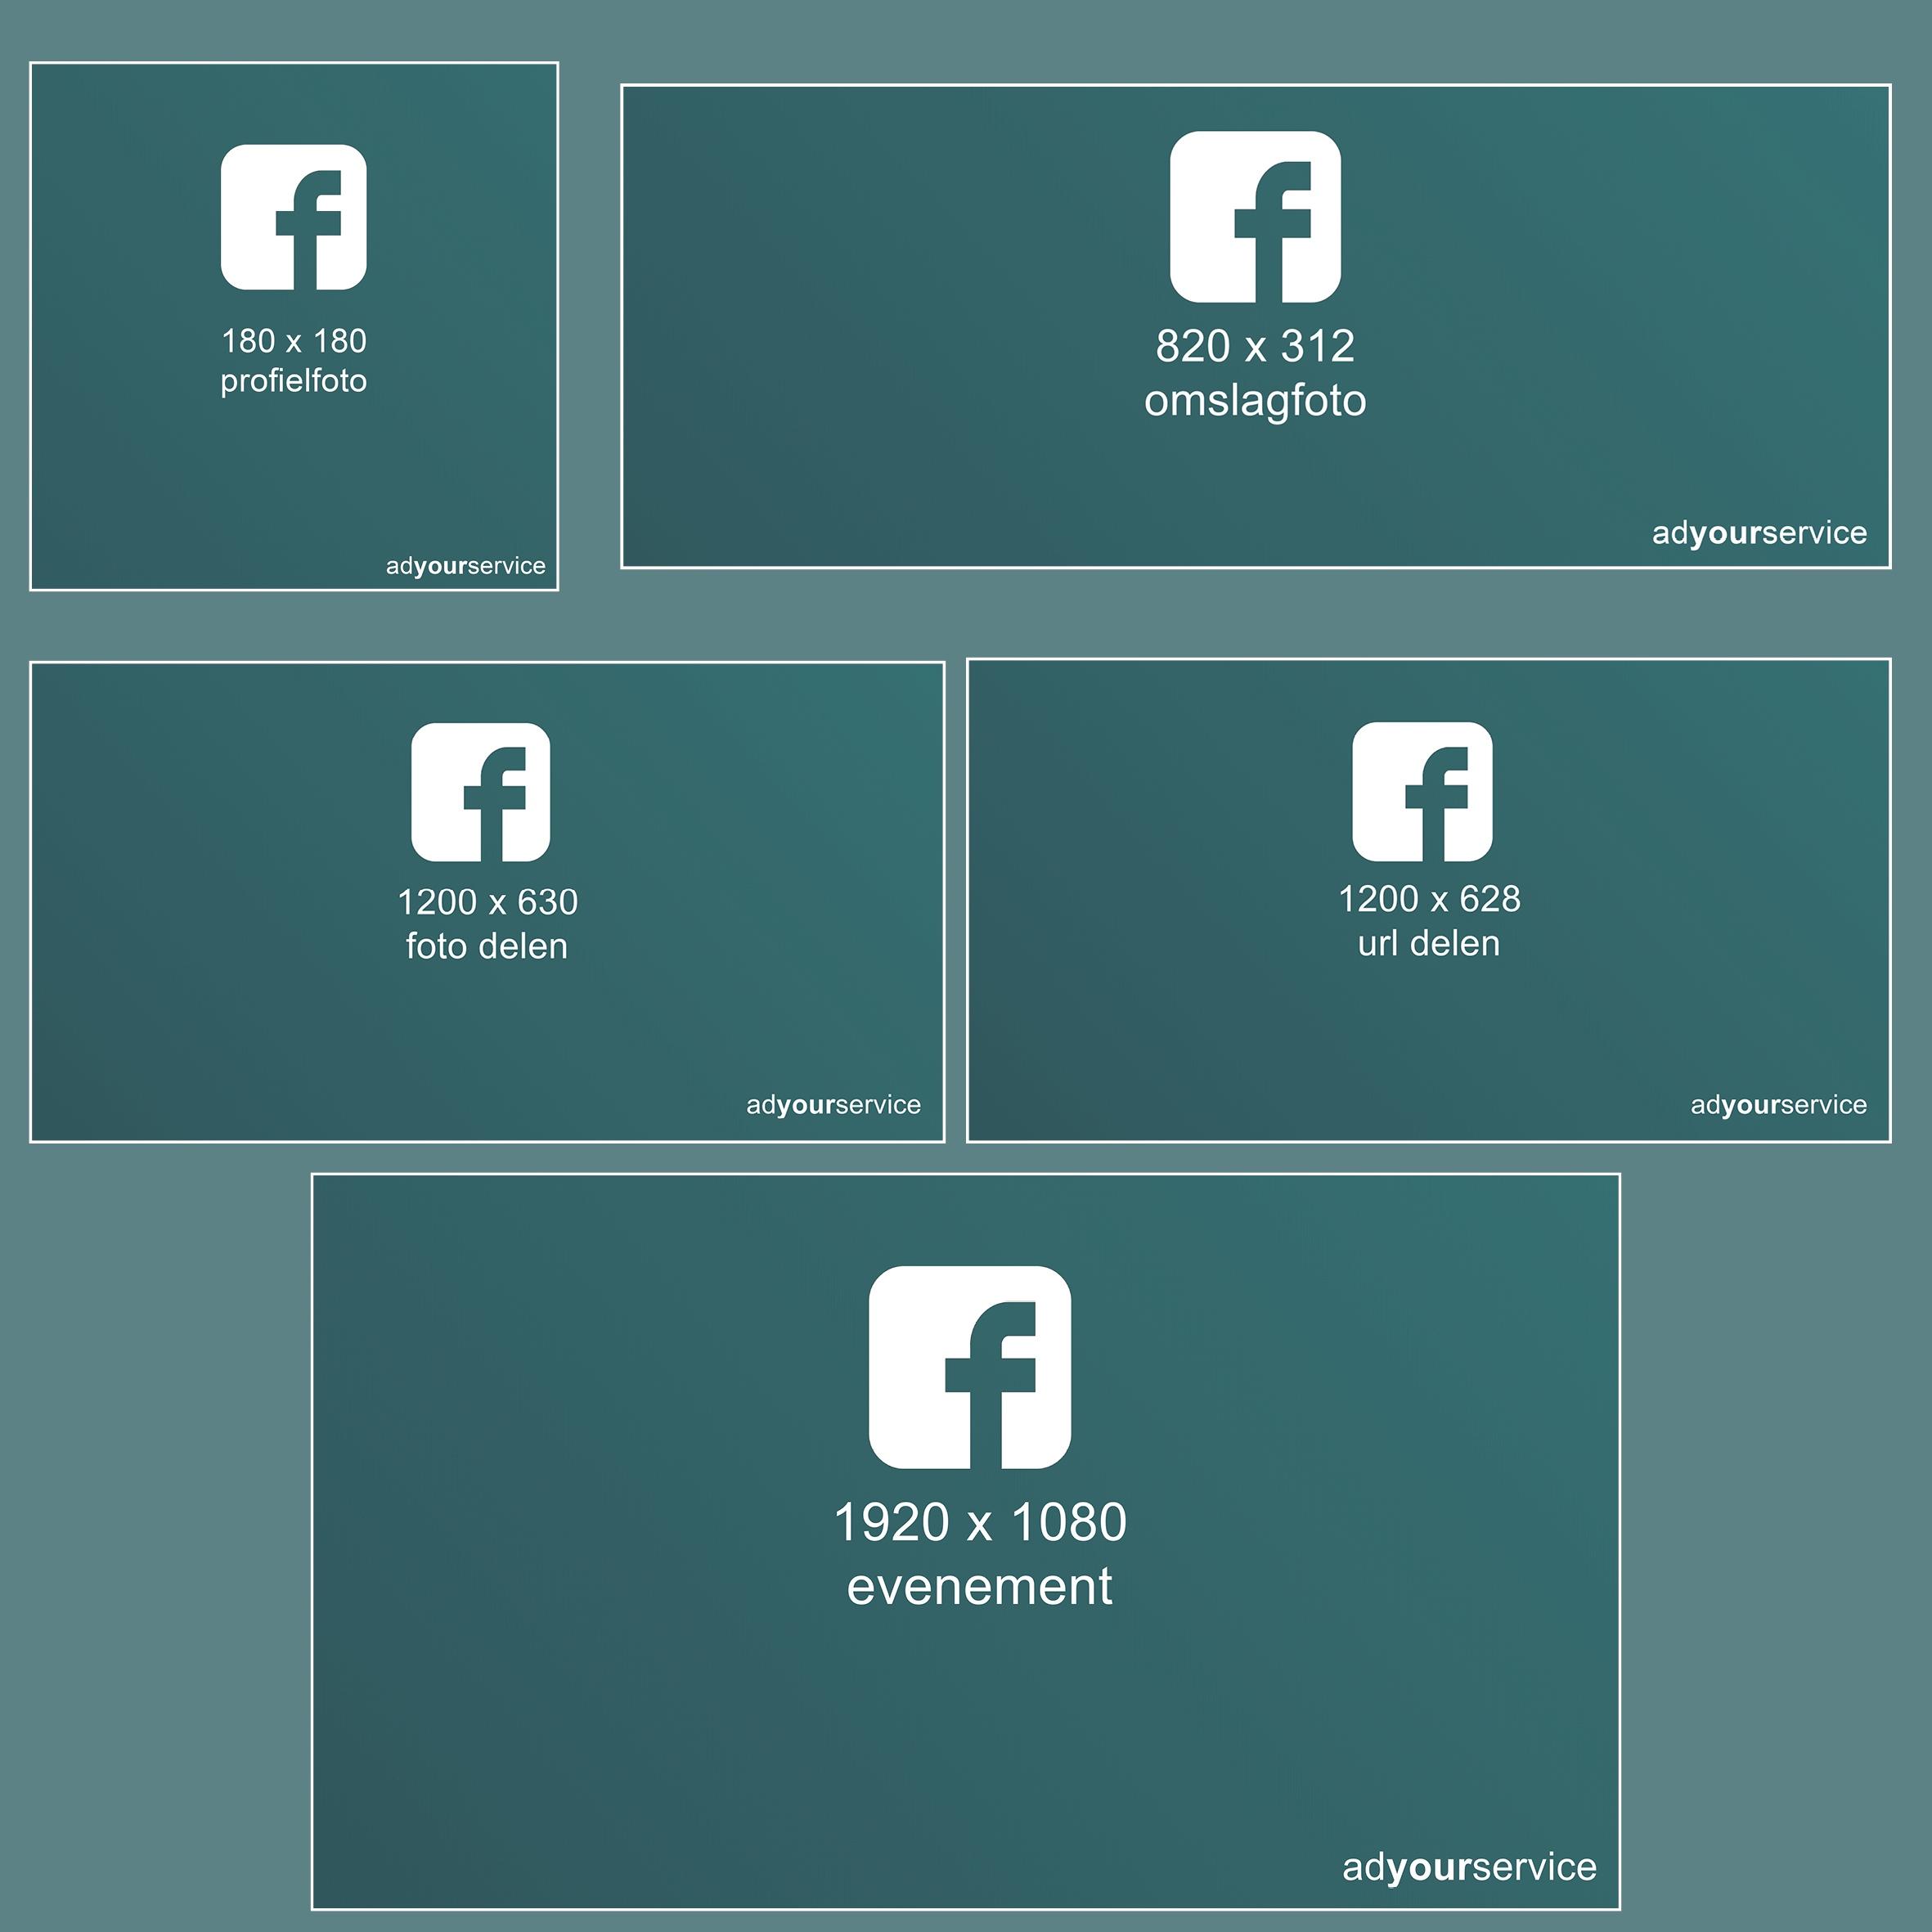 facebook afmetingen afbeeldingen